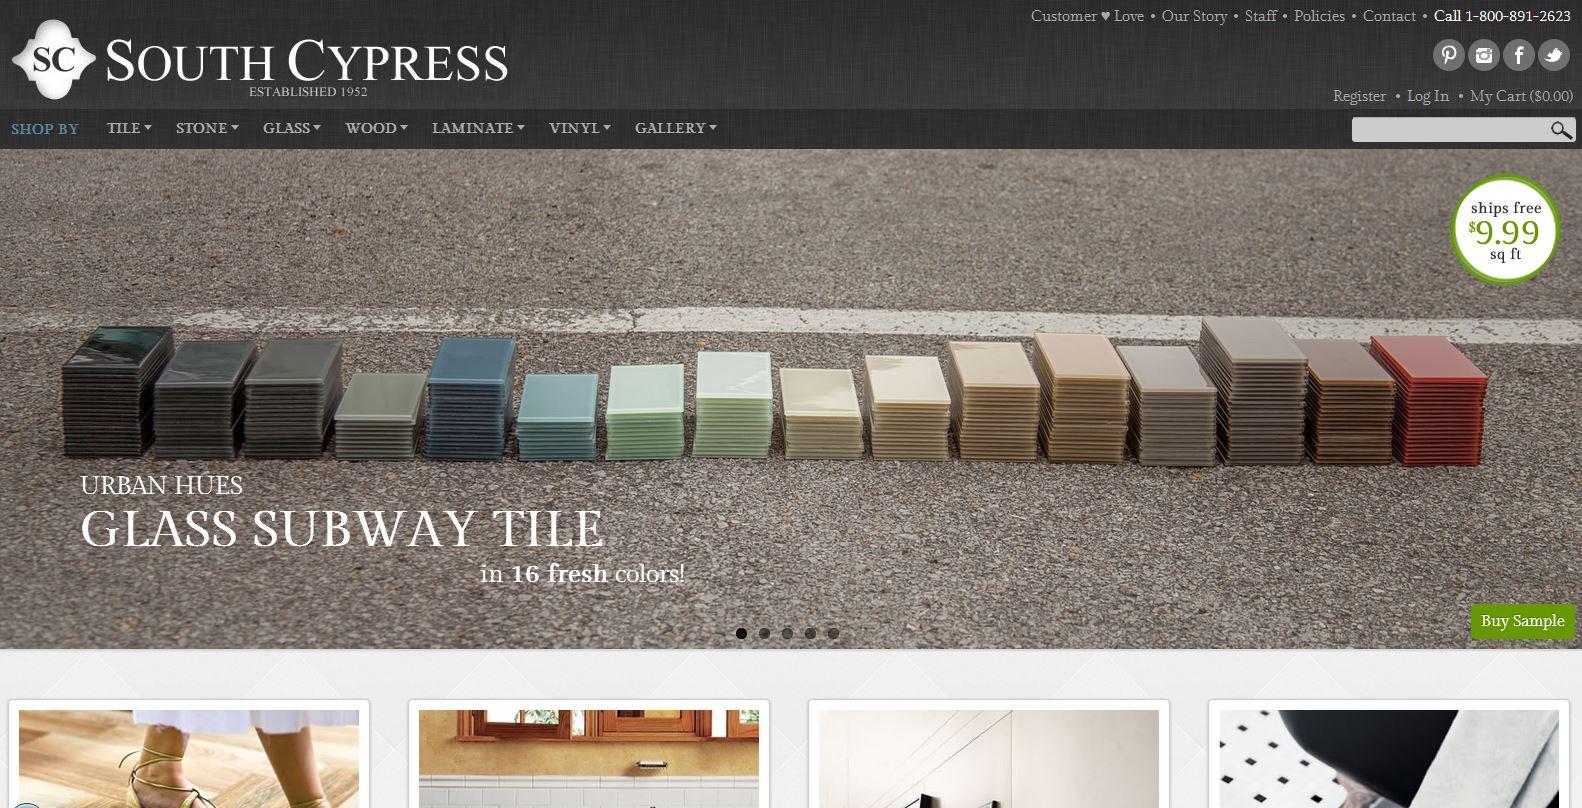 Southcypress.com